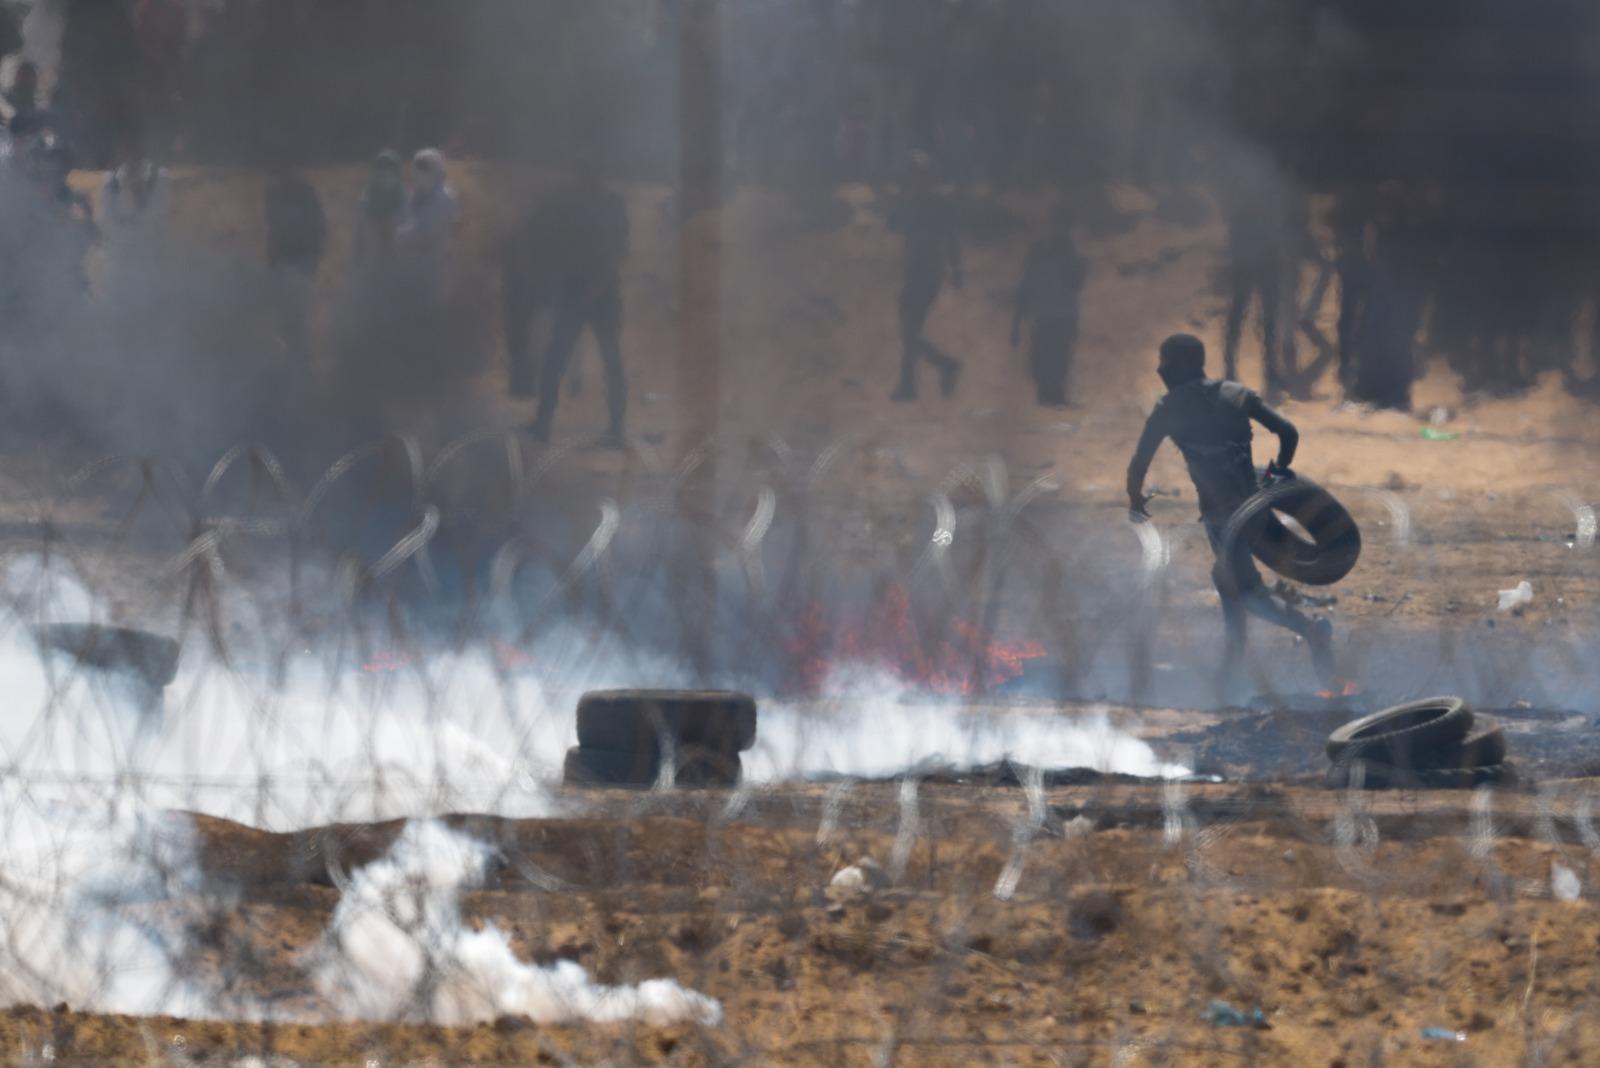 אלפי מפגינים על גבול עזה; פלשתיני נהרג